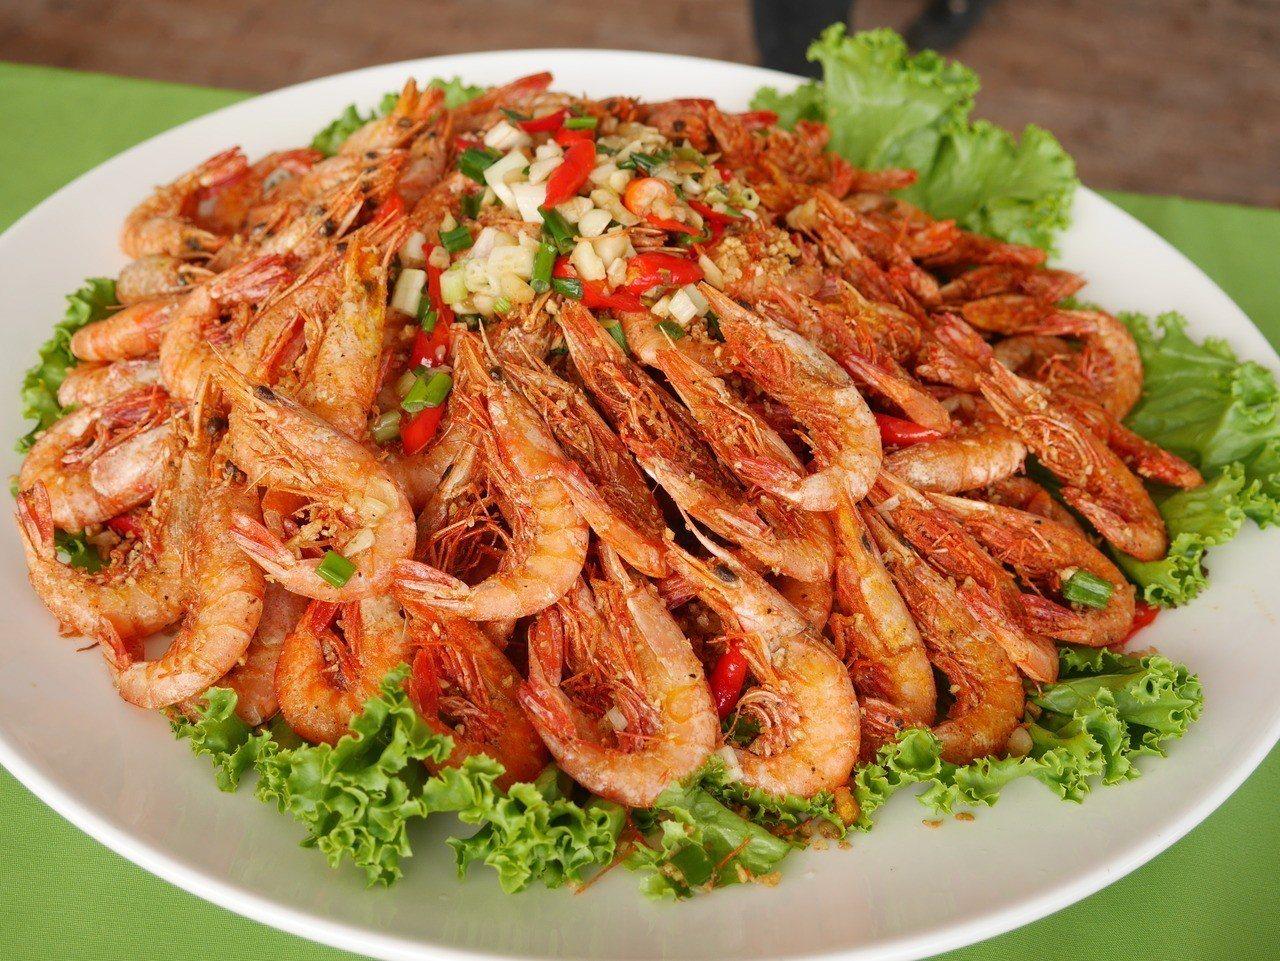 劍蝦是基隆的蝦三寶之一。記者吳淑君/攝影